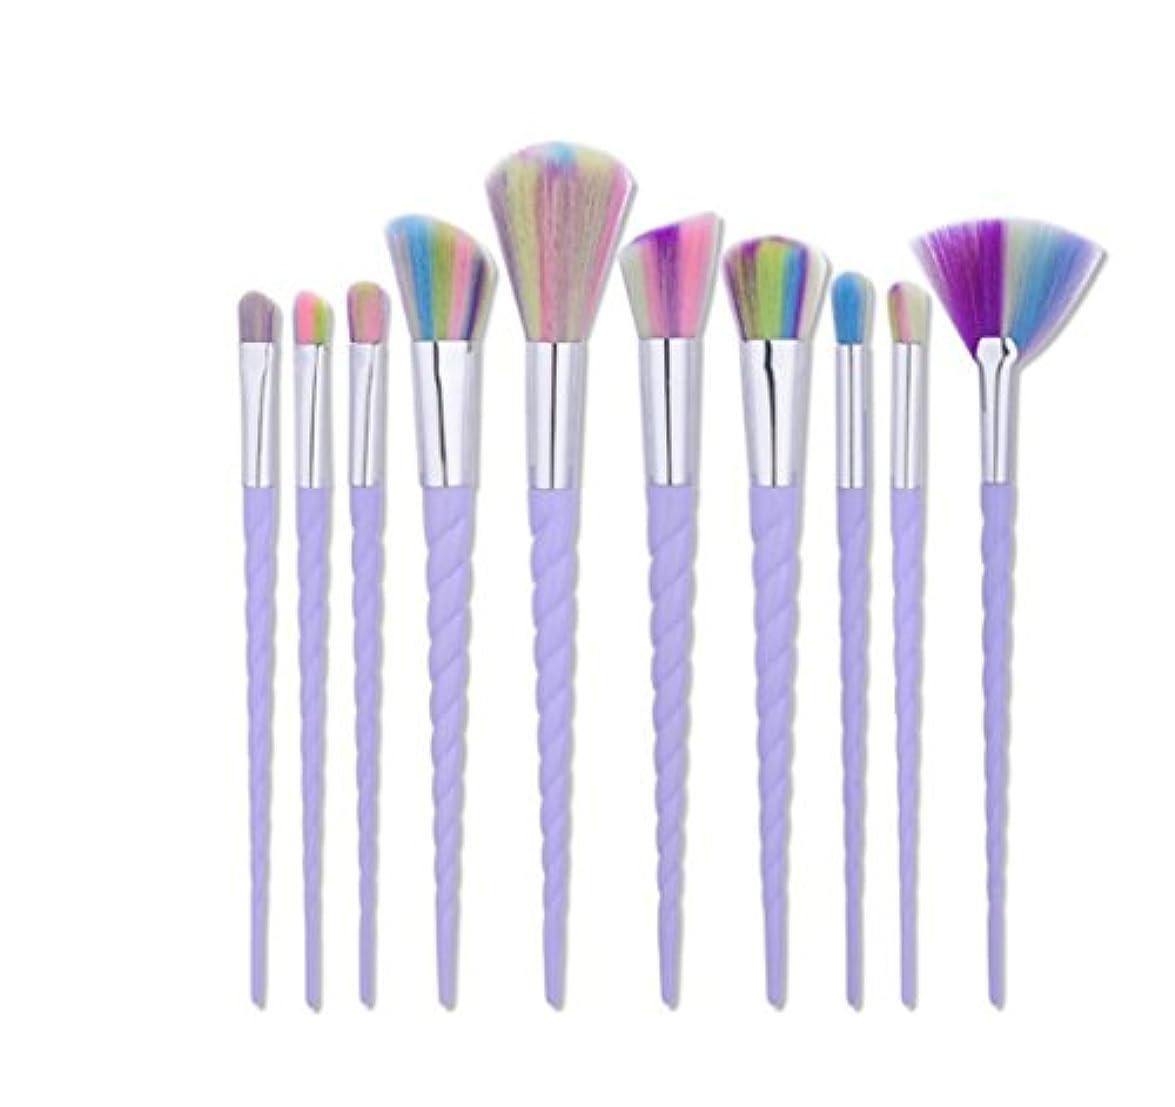 しなければならない前書きクロニクルDilla Beauty 10本セットユニコーンデザインプラスチックハンドル形状メイクブラシセット合成毛ファンデーションブラシアイシャドーブラッシャー美容ツール (ホワイト-4)